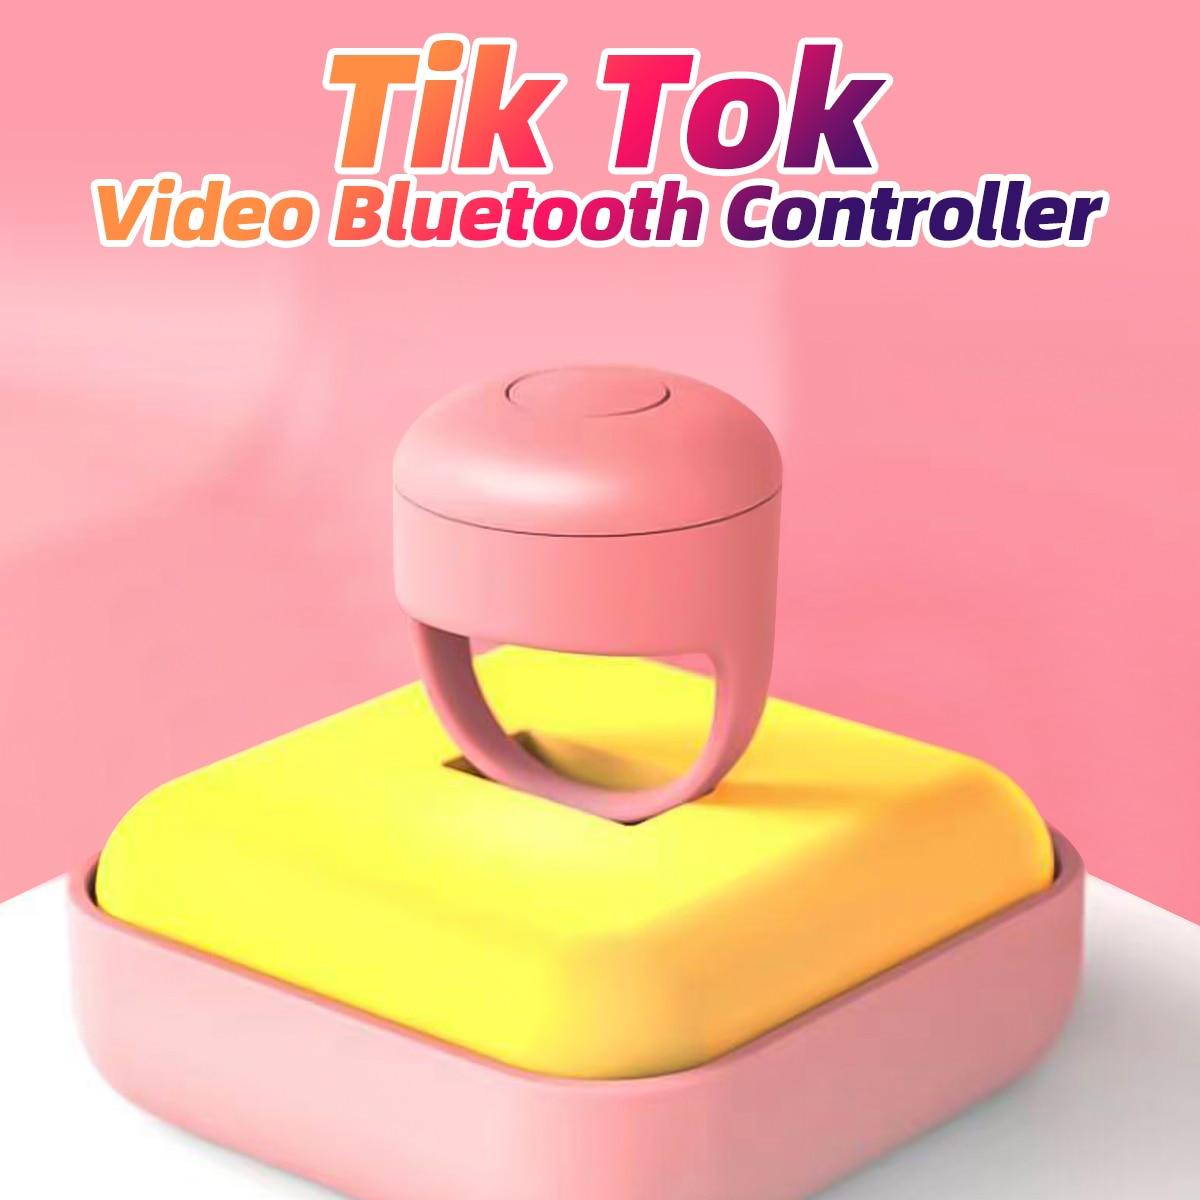 Fingertip Bluetooth Video Controller